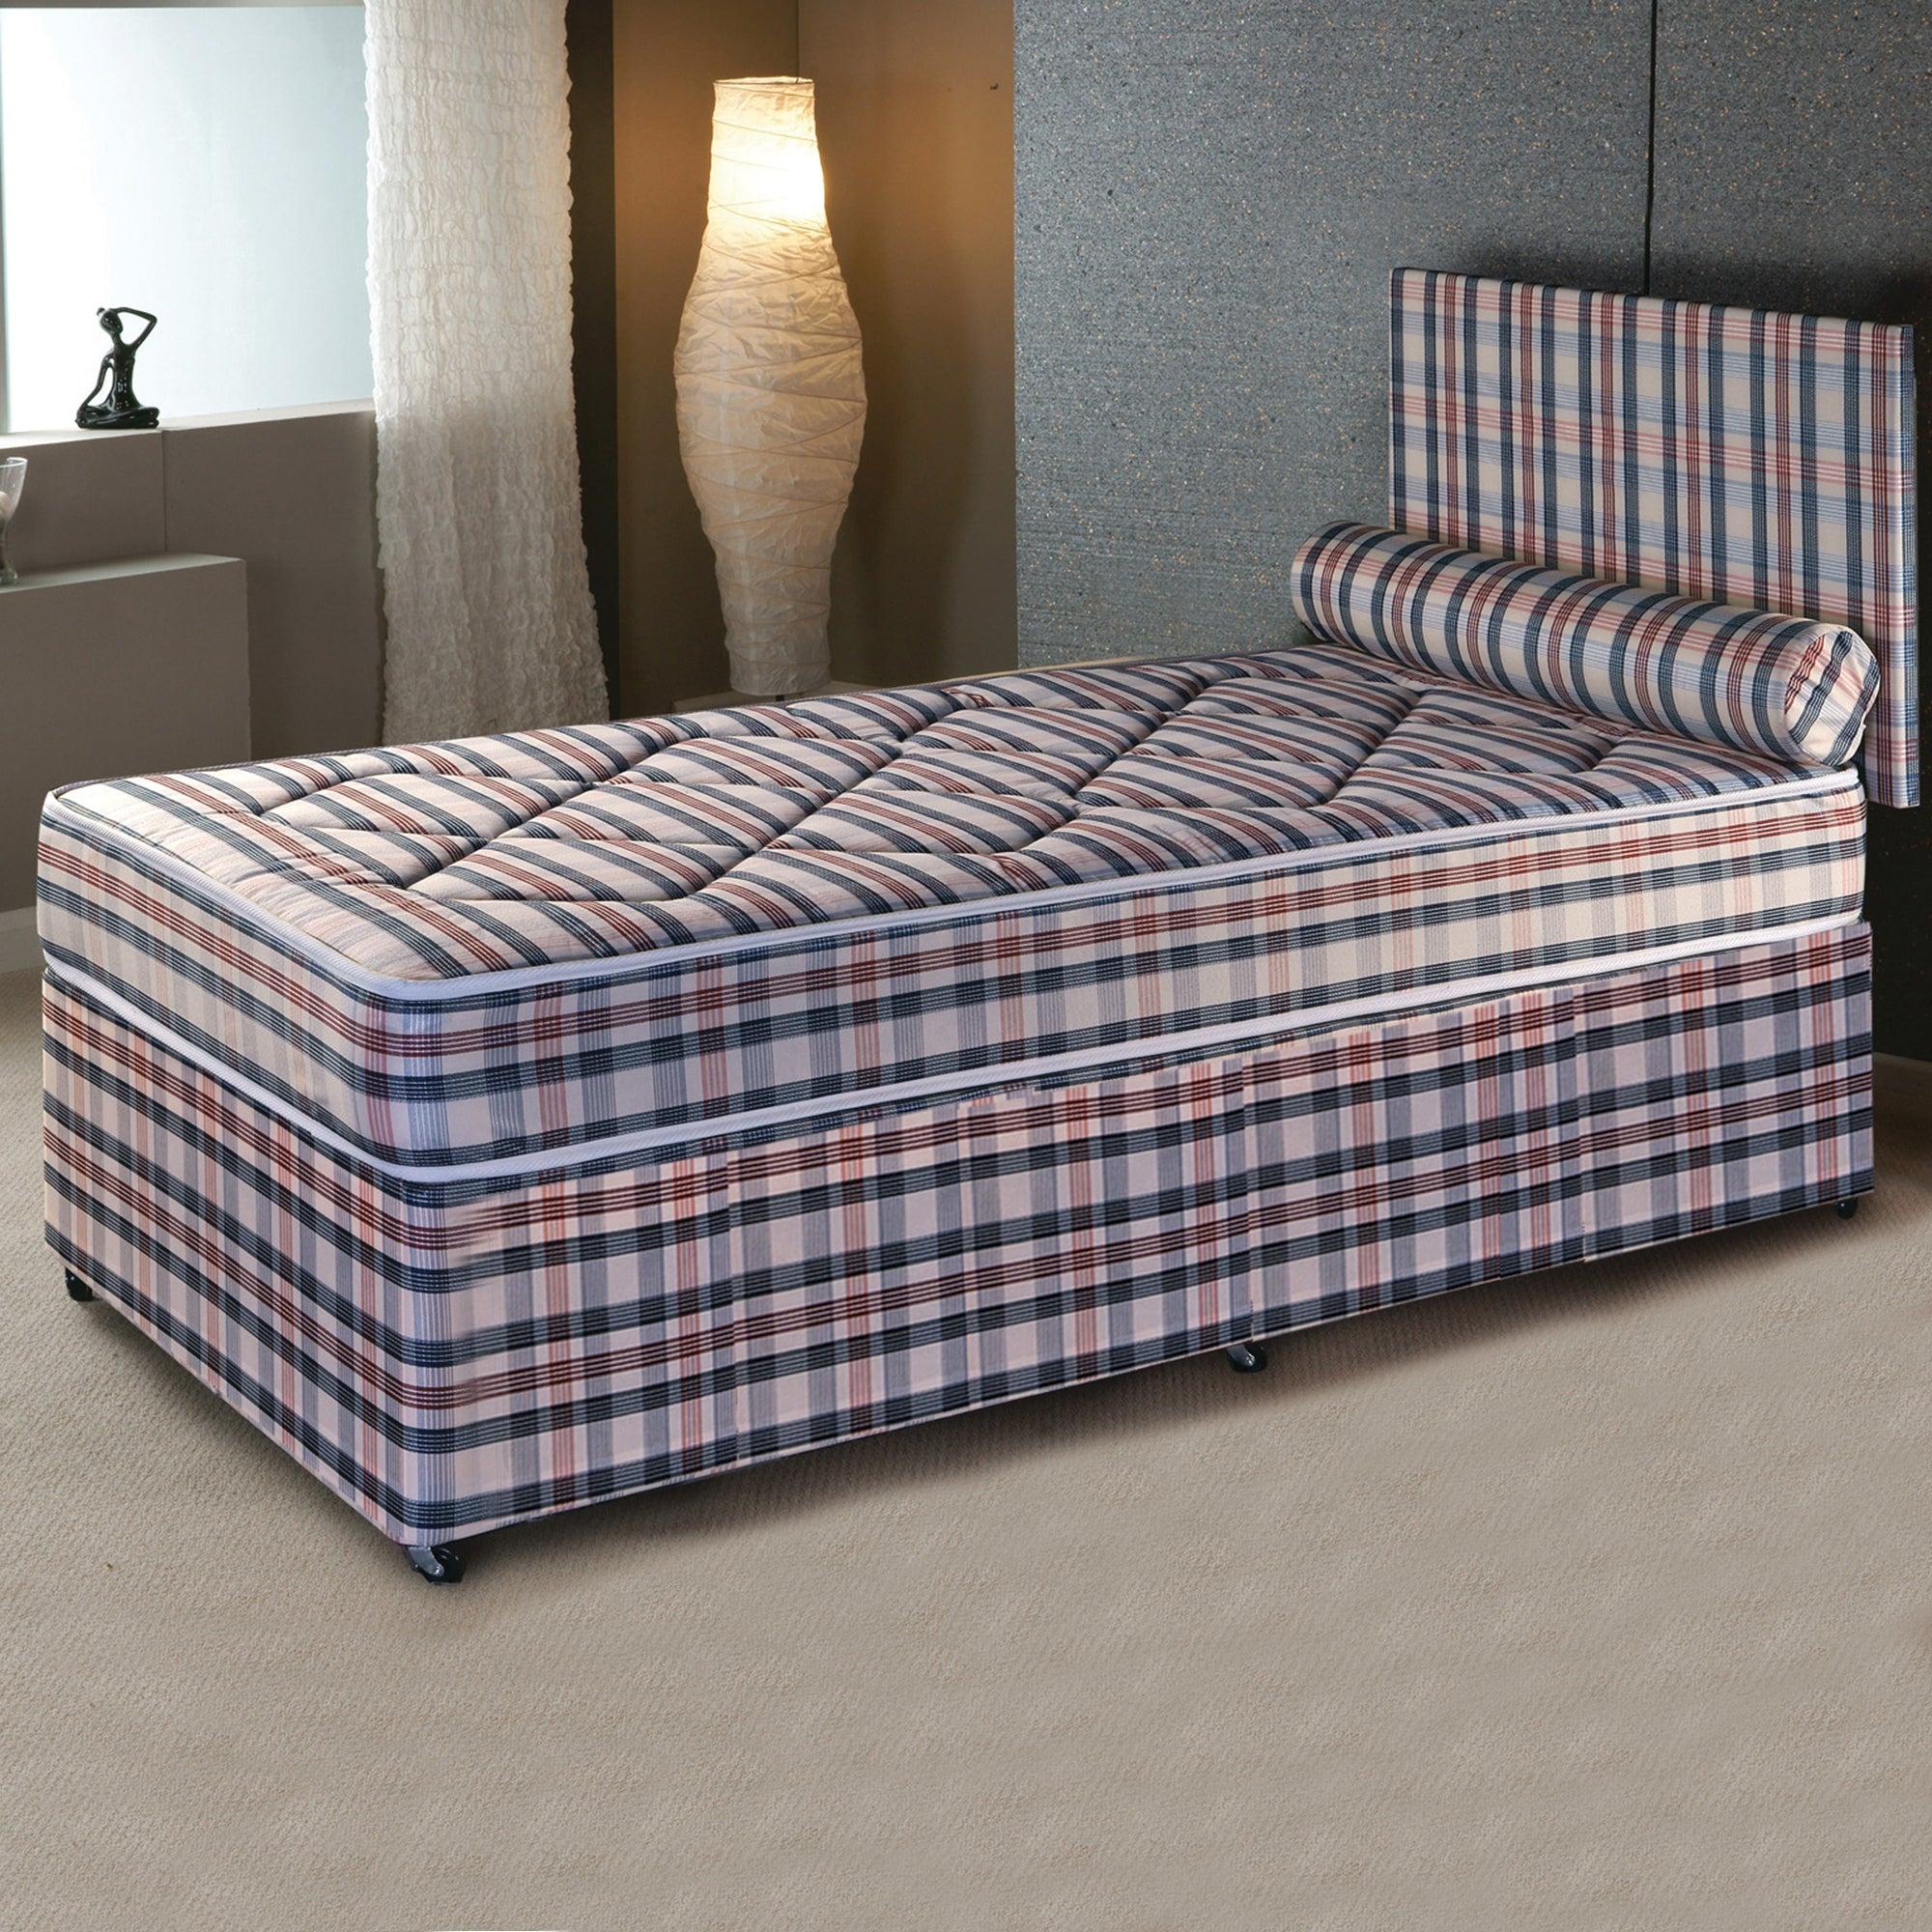 Posture Comfort Divan Bed